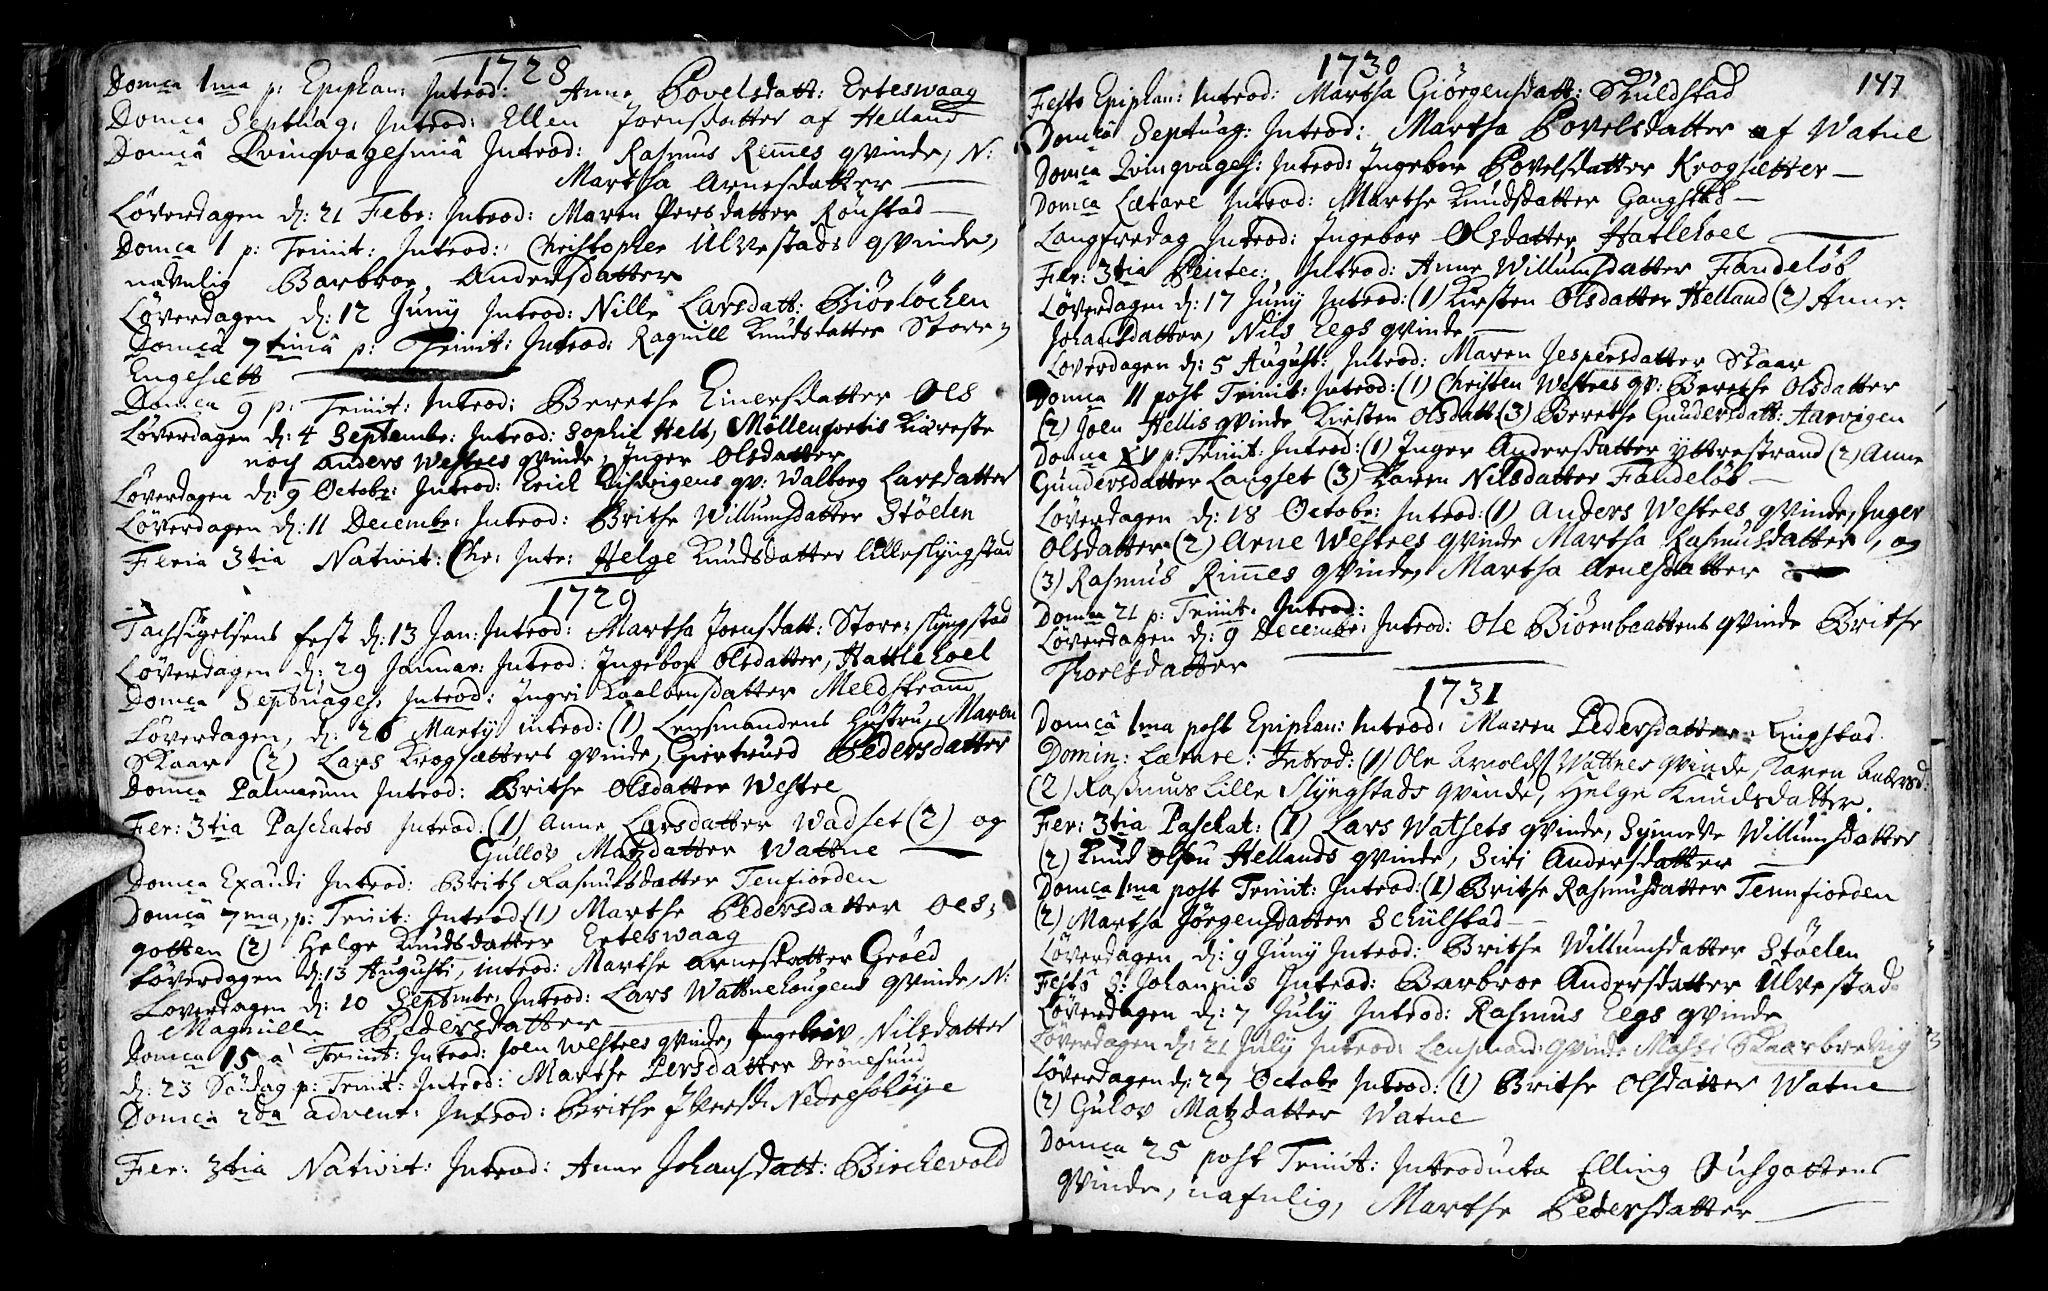 SAT, Ministerialprotokoller, klokkerbøker og fødselsregistre - Møre og Romsdal, 525/L0371: Ministerialbok nr. 525A01, 1699-1777, s. 147